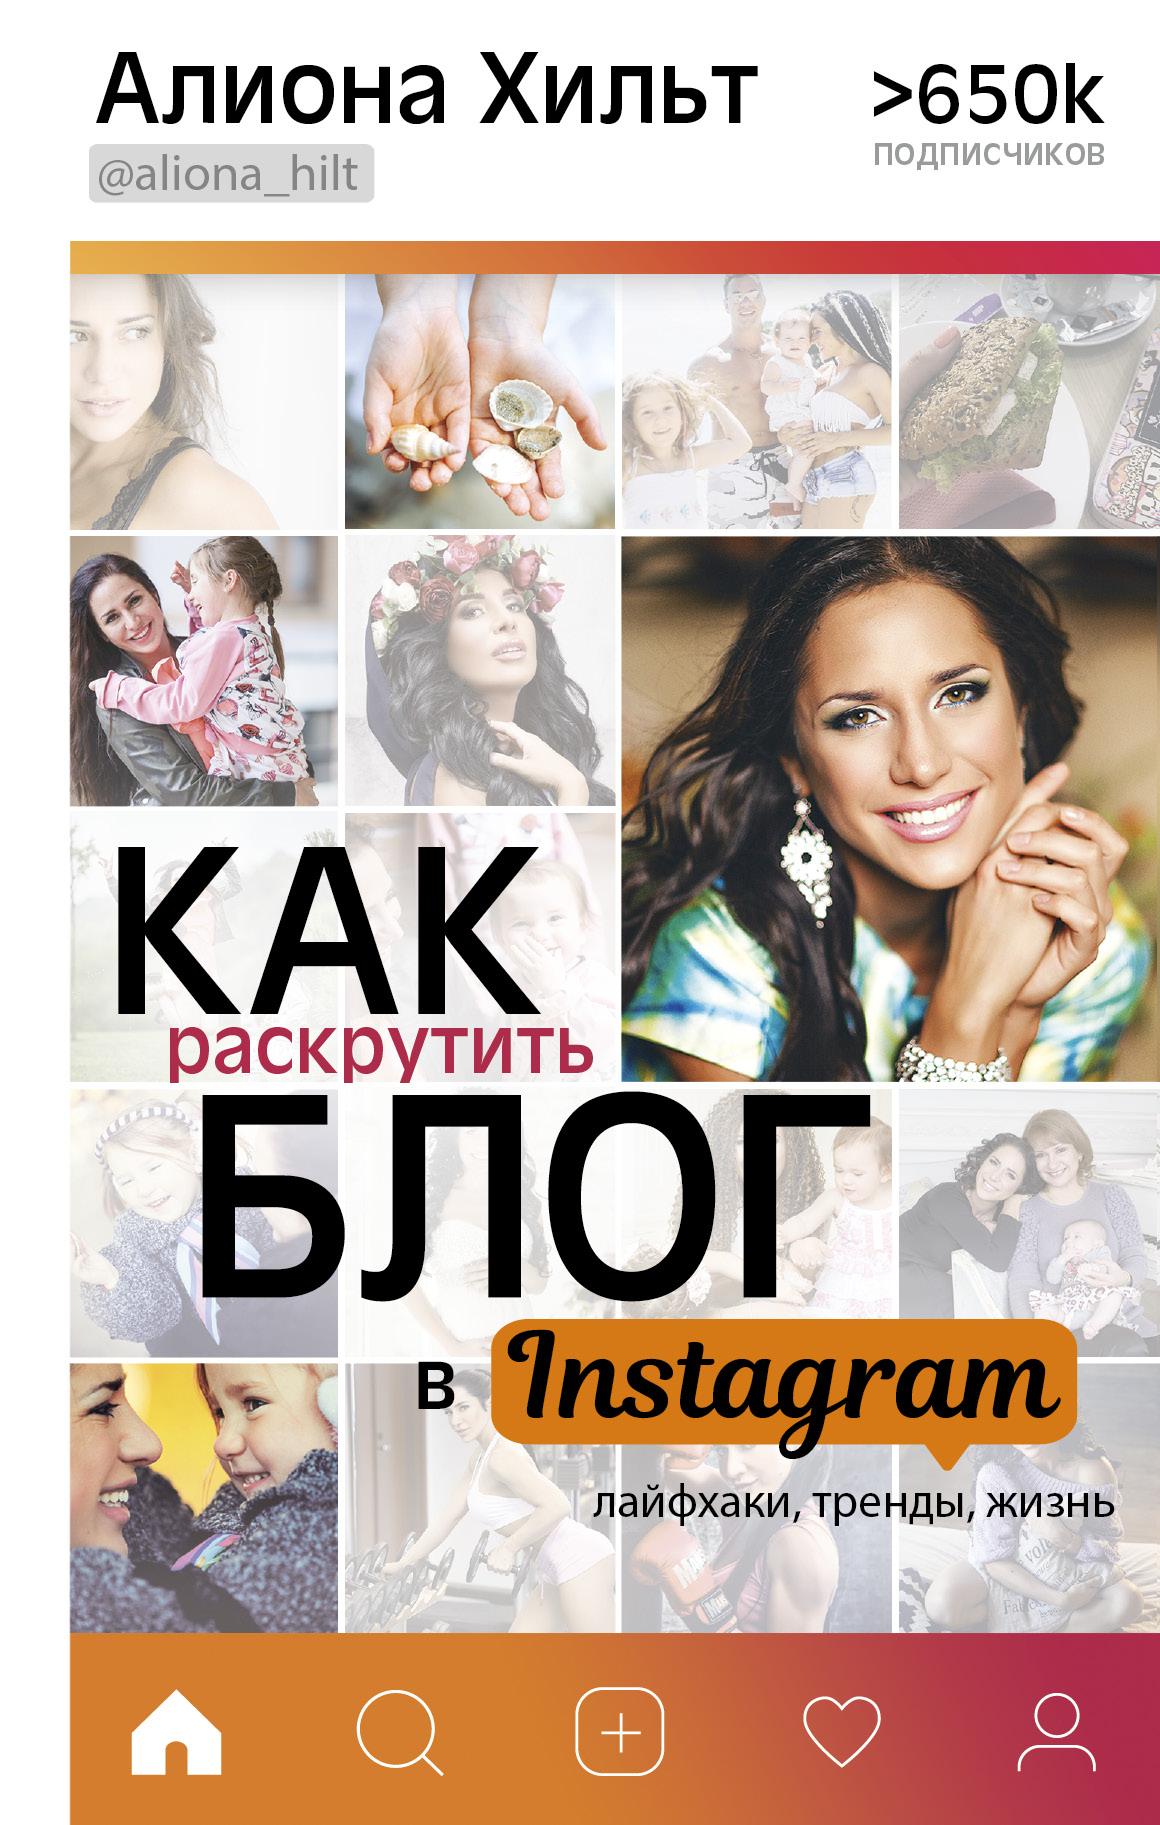 Хильт А.И. Как раскрутить блог в Instagram: лайфхаки, тренды, жизнь феномен инстаграмма как раскрутить свой аккаунт и заработать